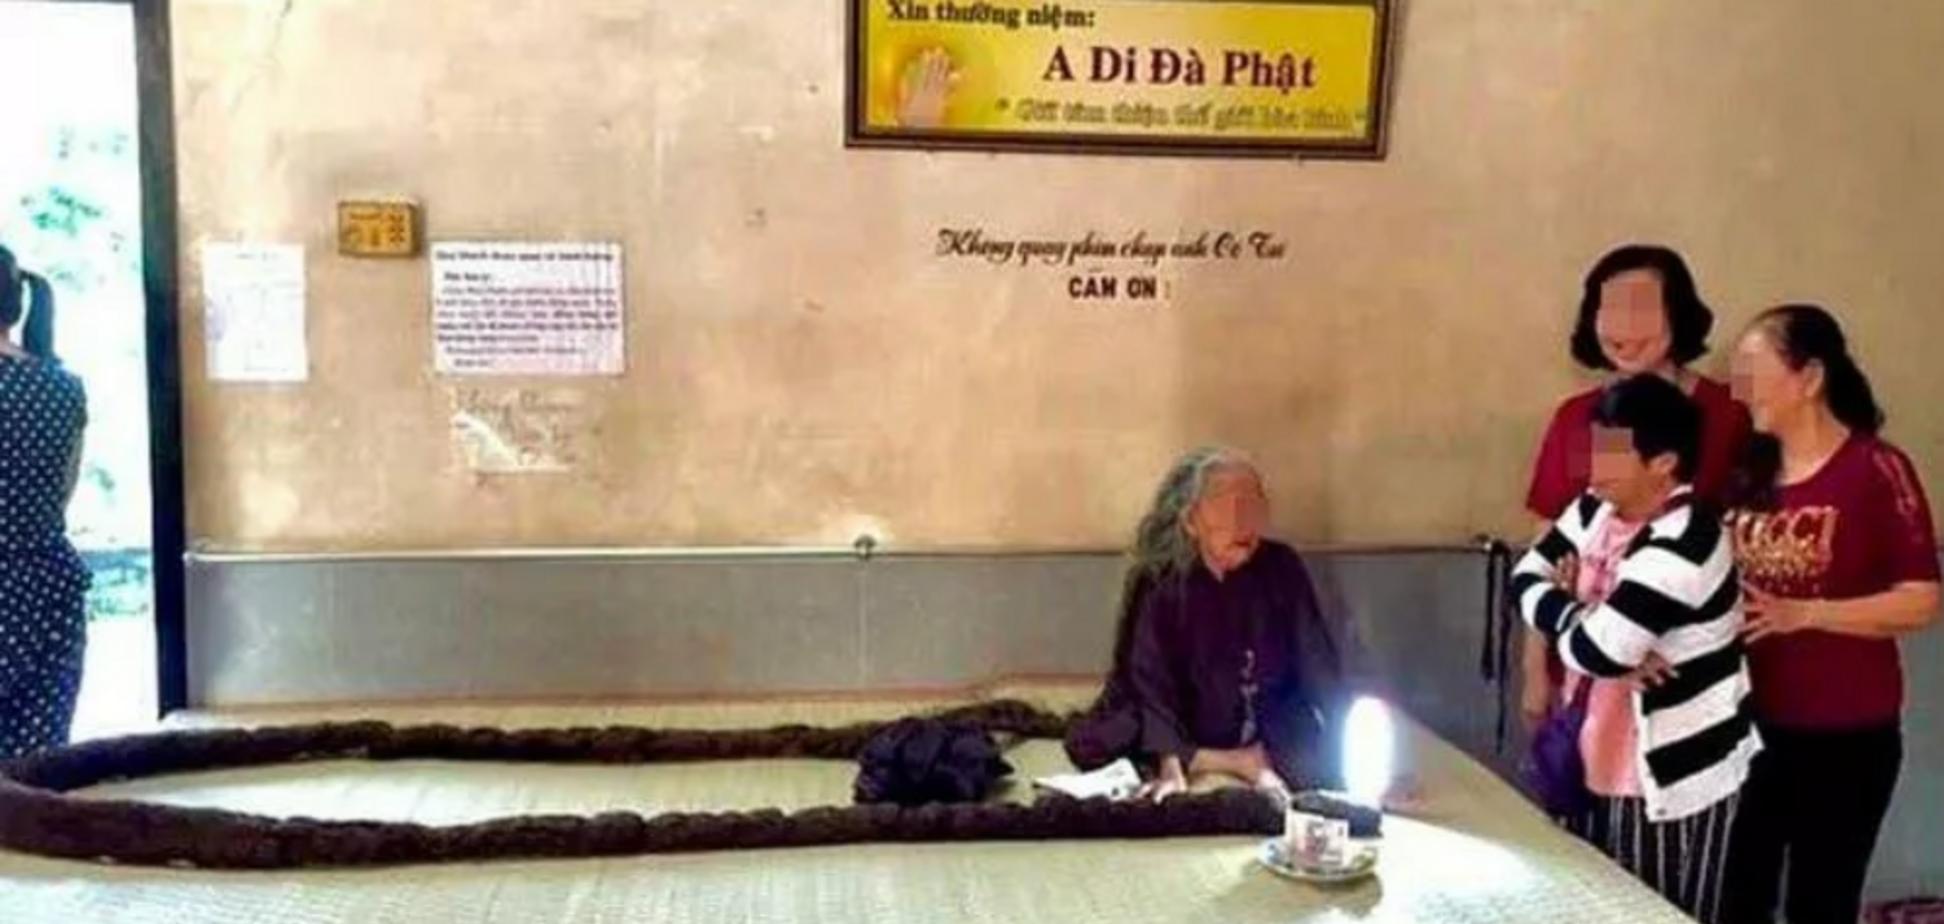 Нгуєн Тхі Дінх жодного разу не стриглася з 19 років